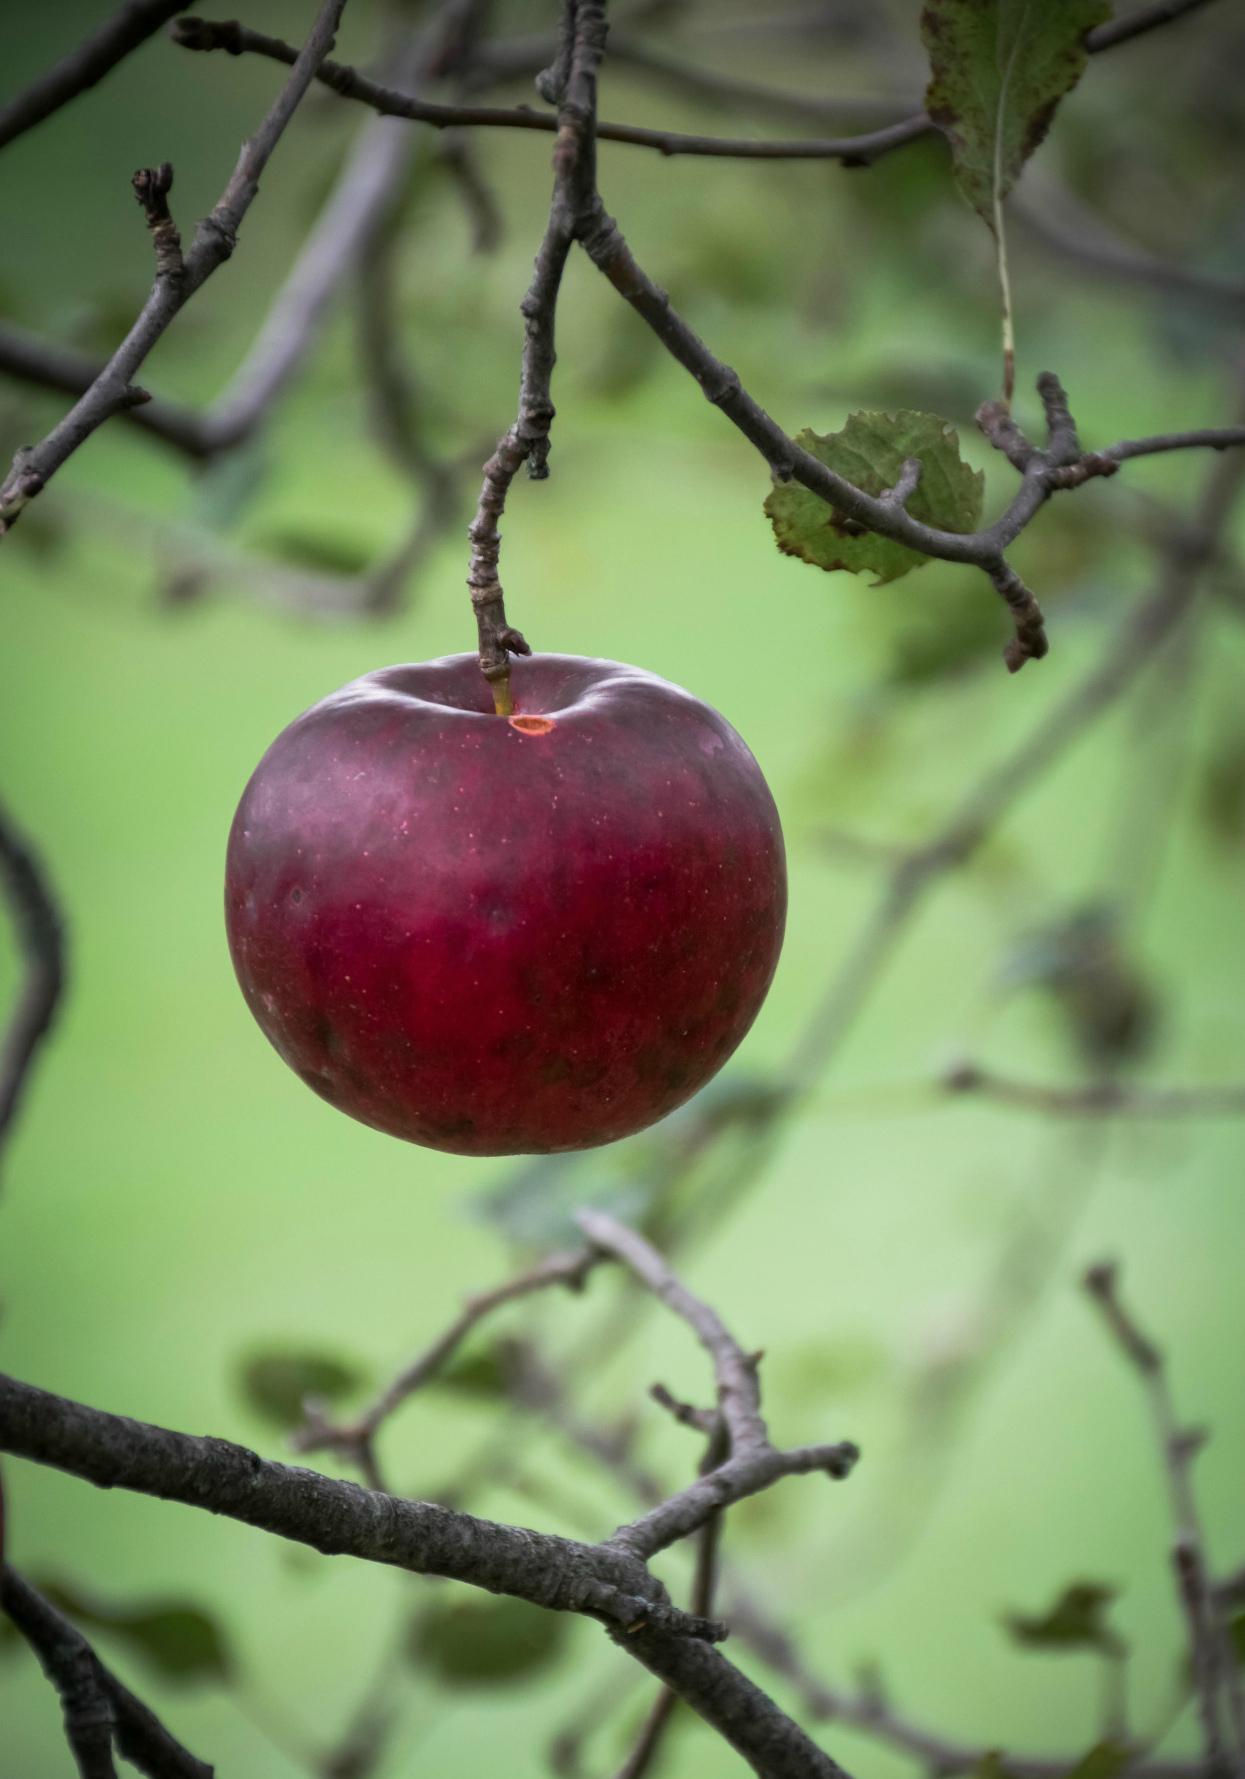 Фото Одинокое красное яблоко на ветке